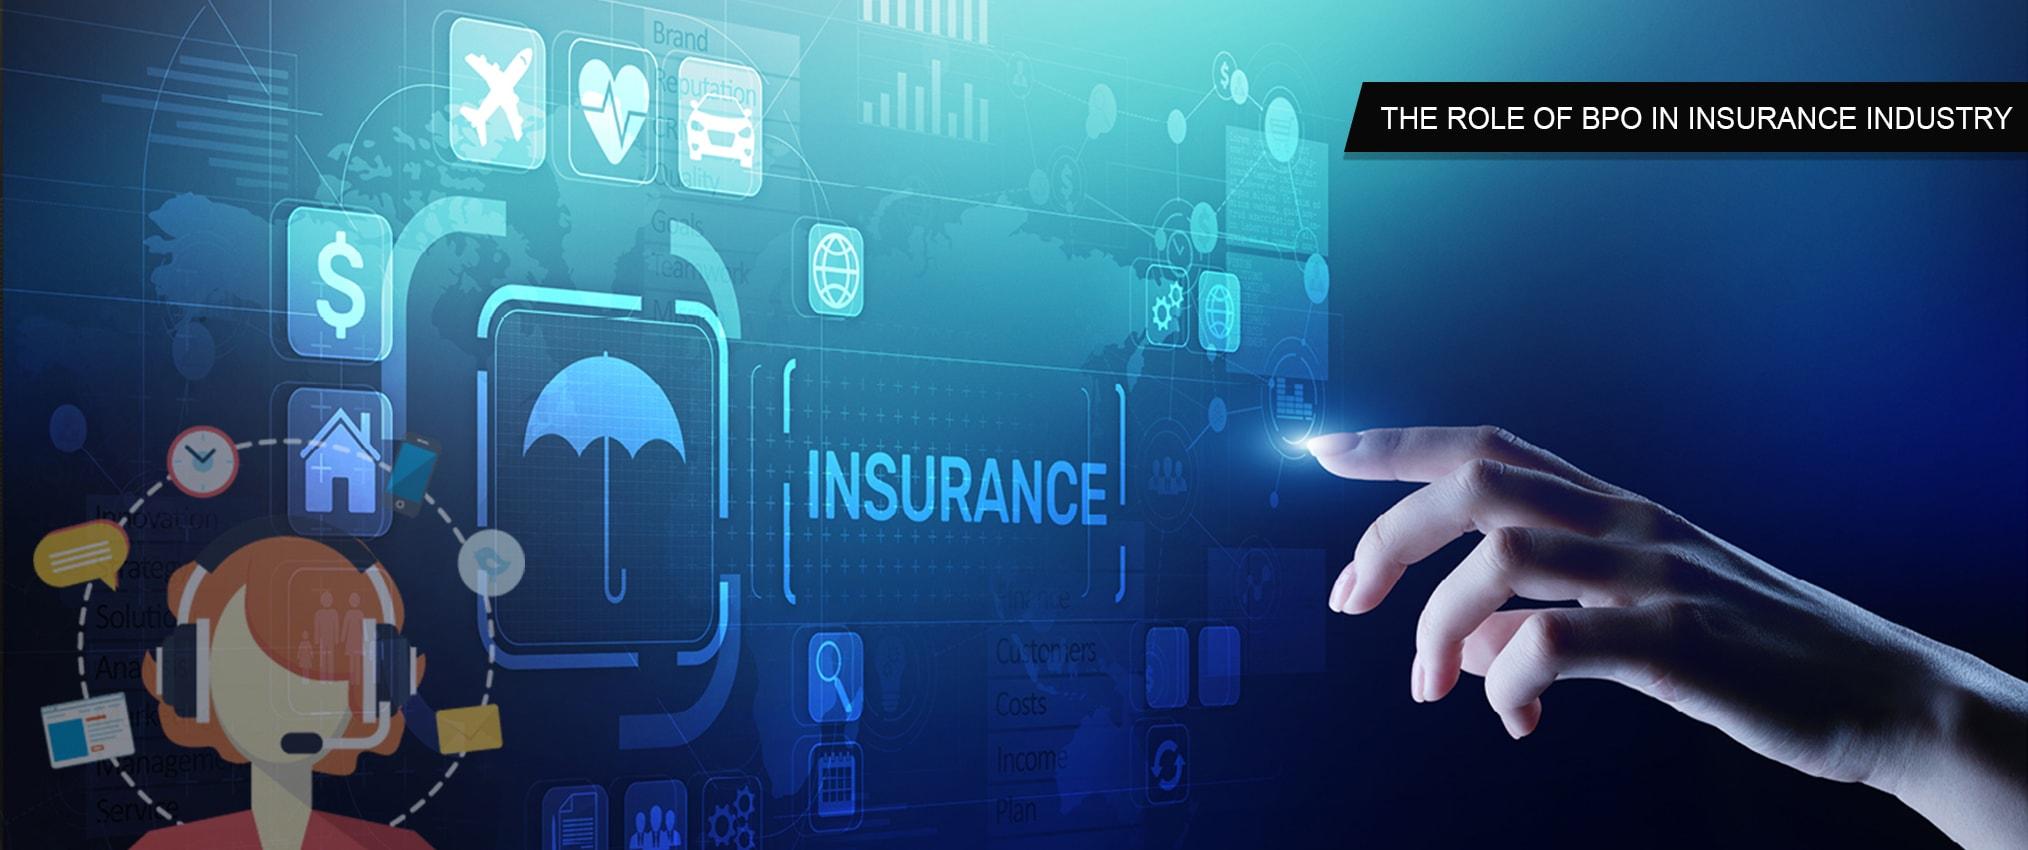 role-of-bpo-in-insurance-industry